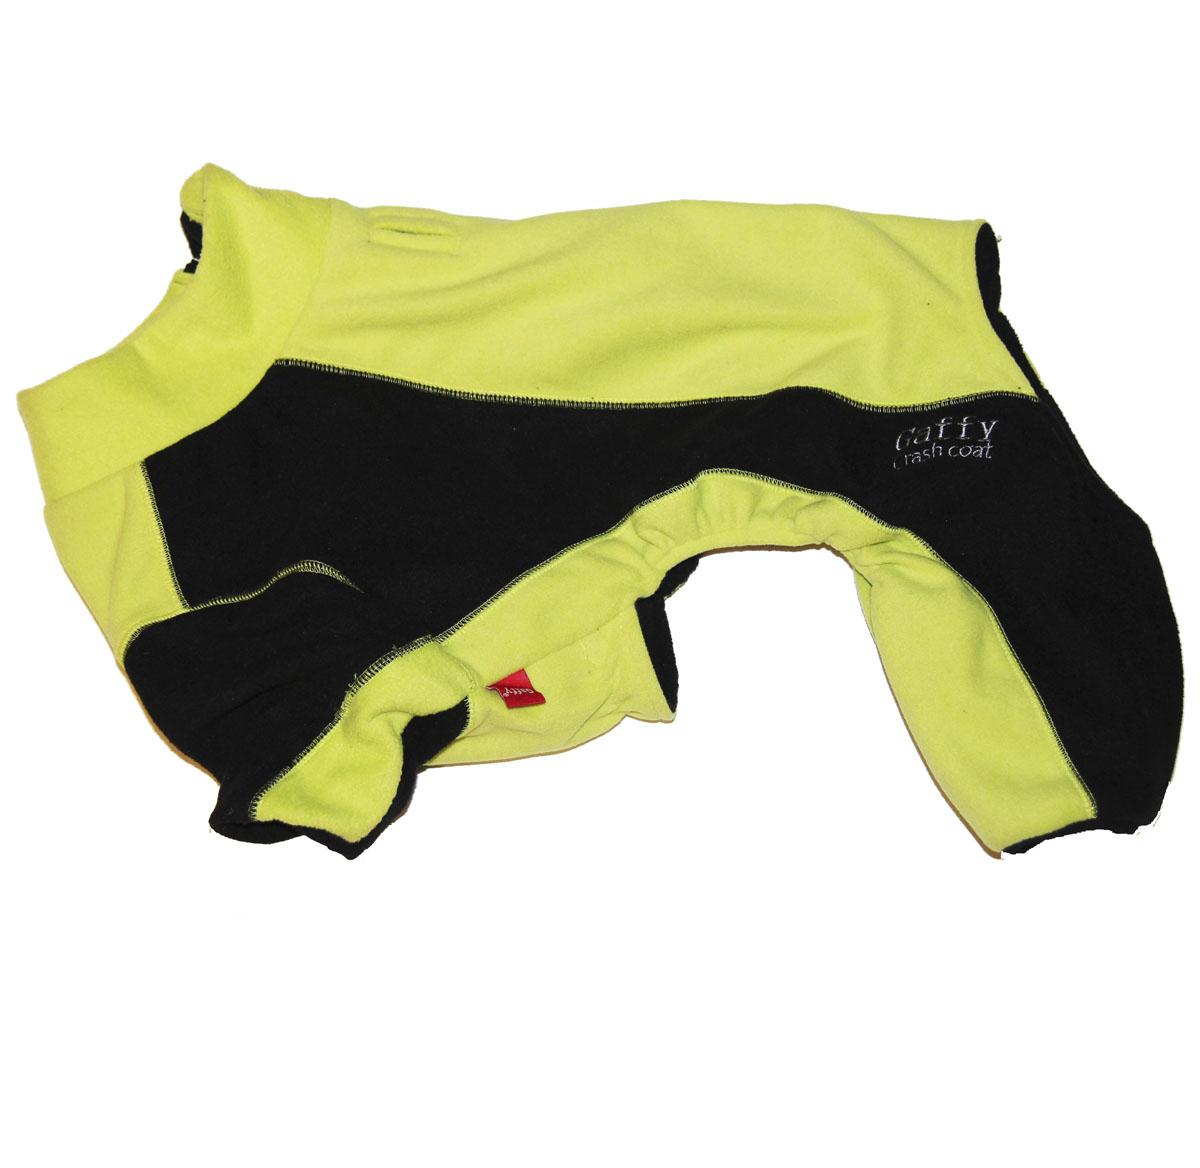 Комбинезон для собак Gaffy Pet, унисекс, цвет: салатовый, черный. Размер 3XL